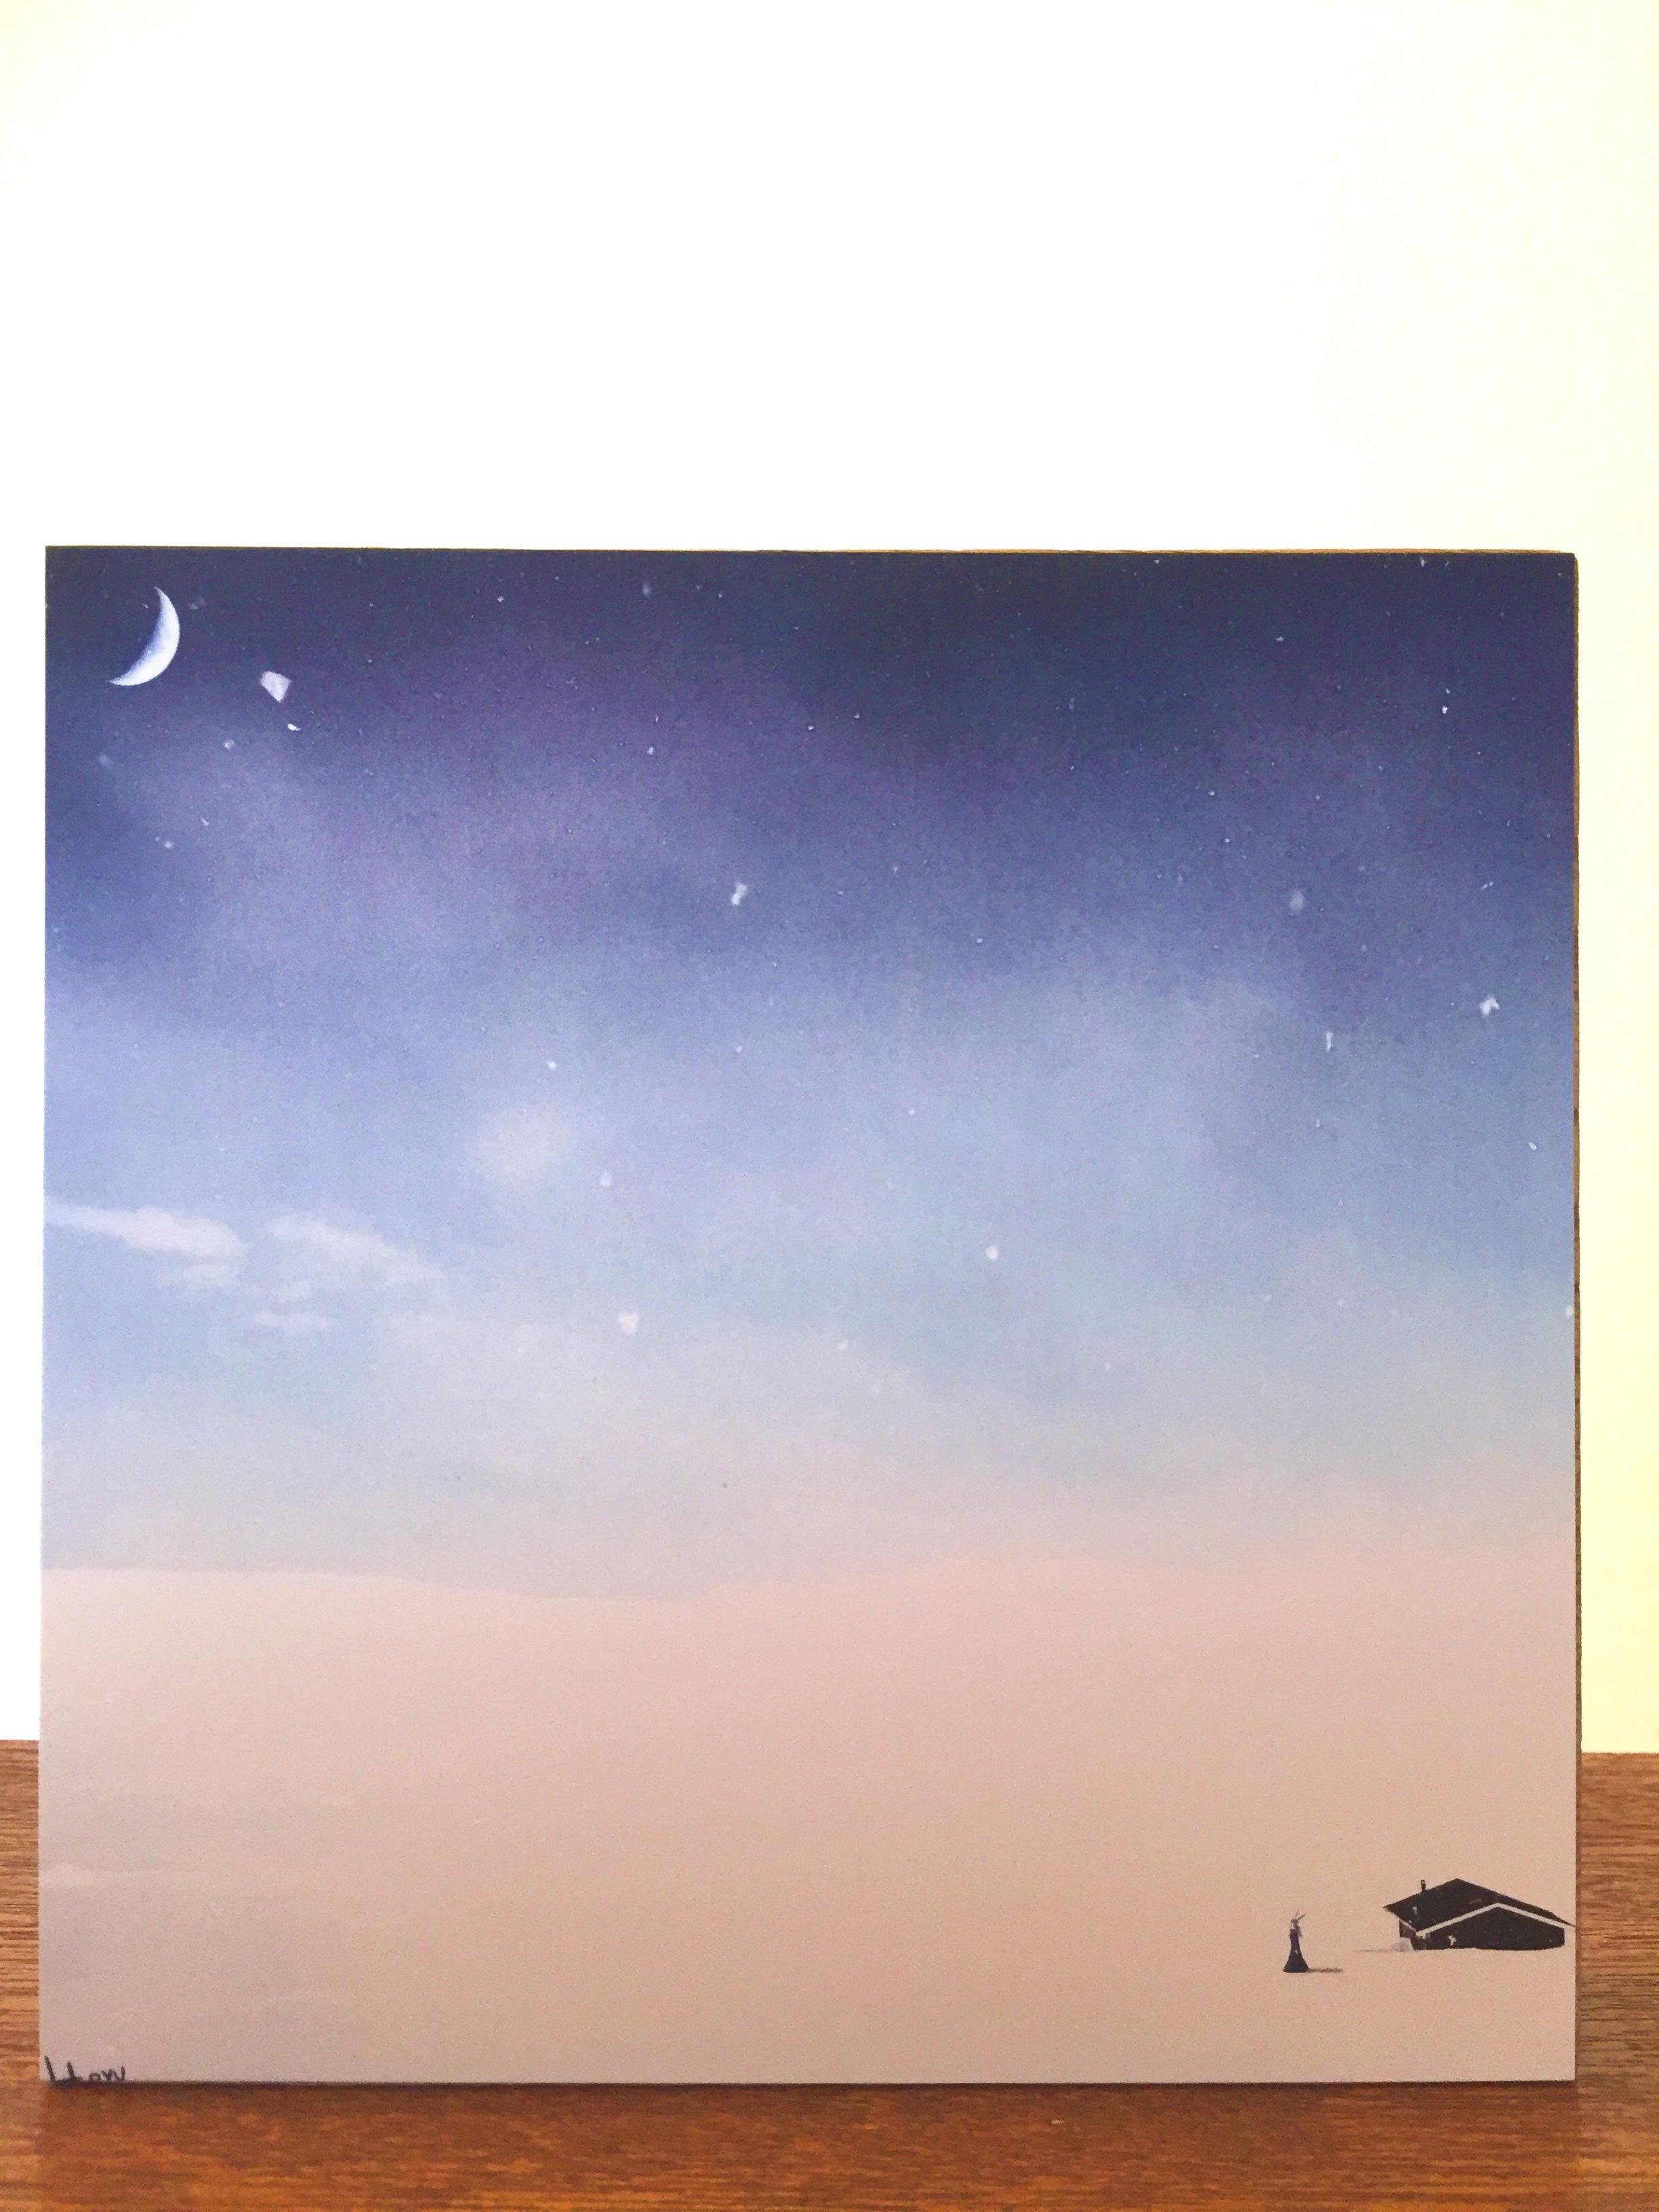 絵画 インテリア アートパネル 雑貨 壁掛け 置物 おしゃれ イラスト 雪 ロココロ 画家 : 志摩飛龍 作品 : snowy air